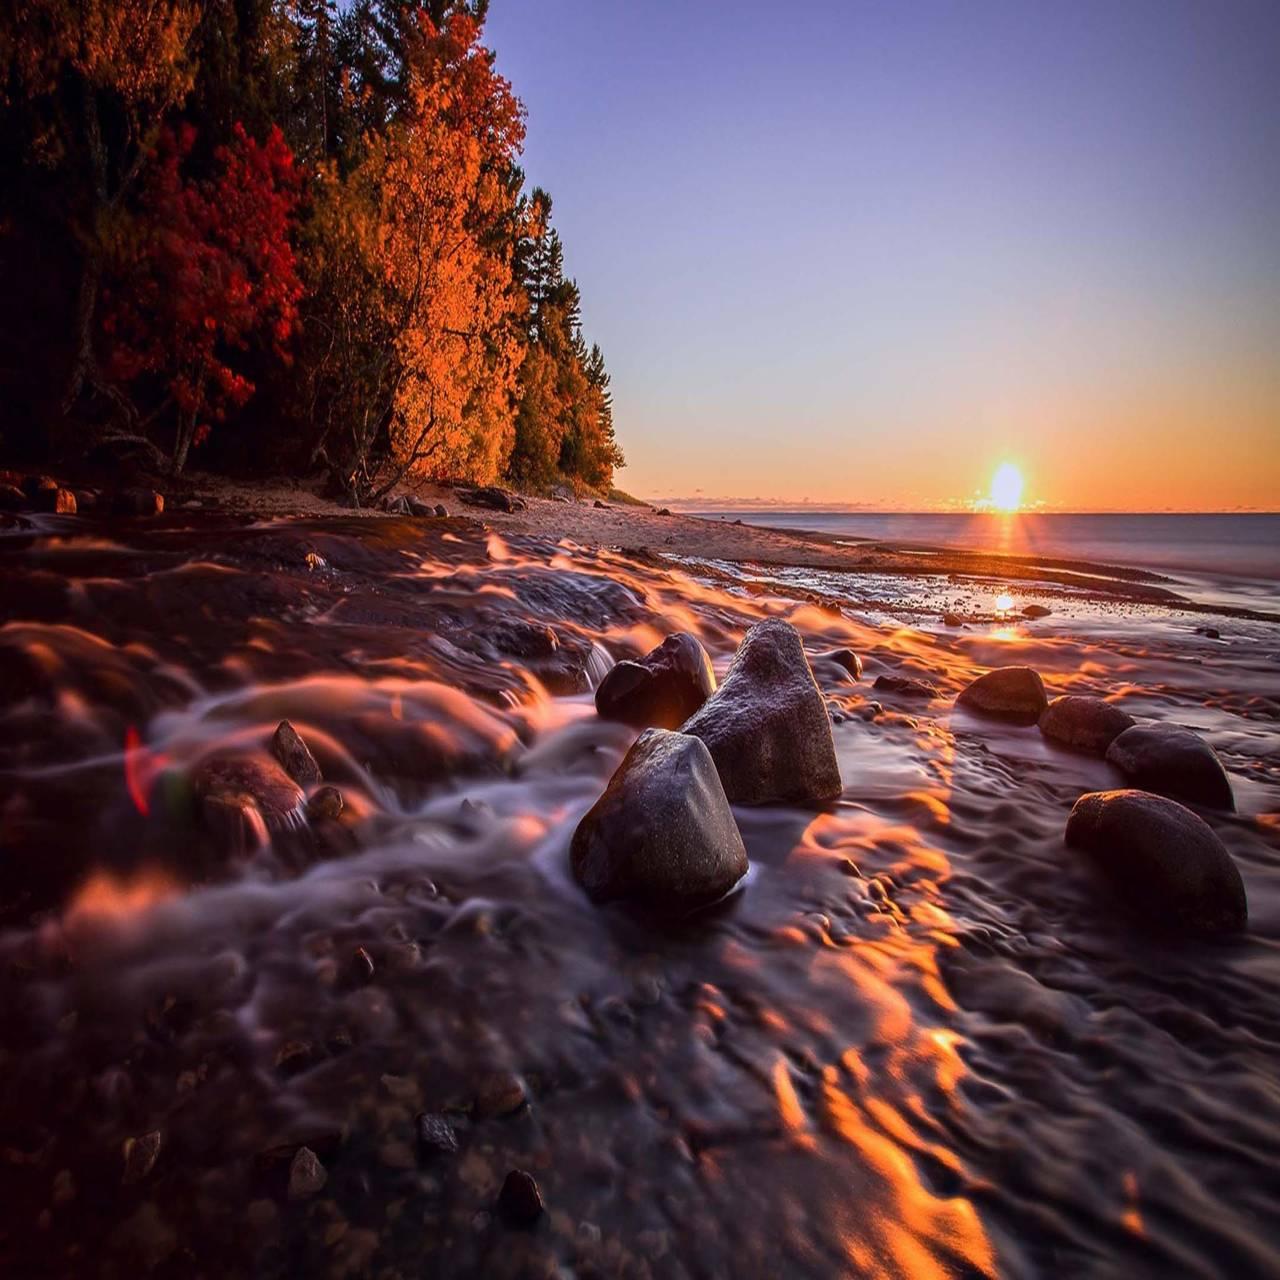 Sunset sea coast